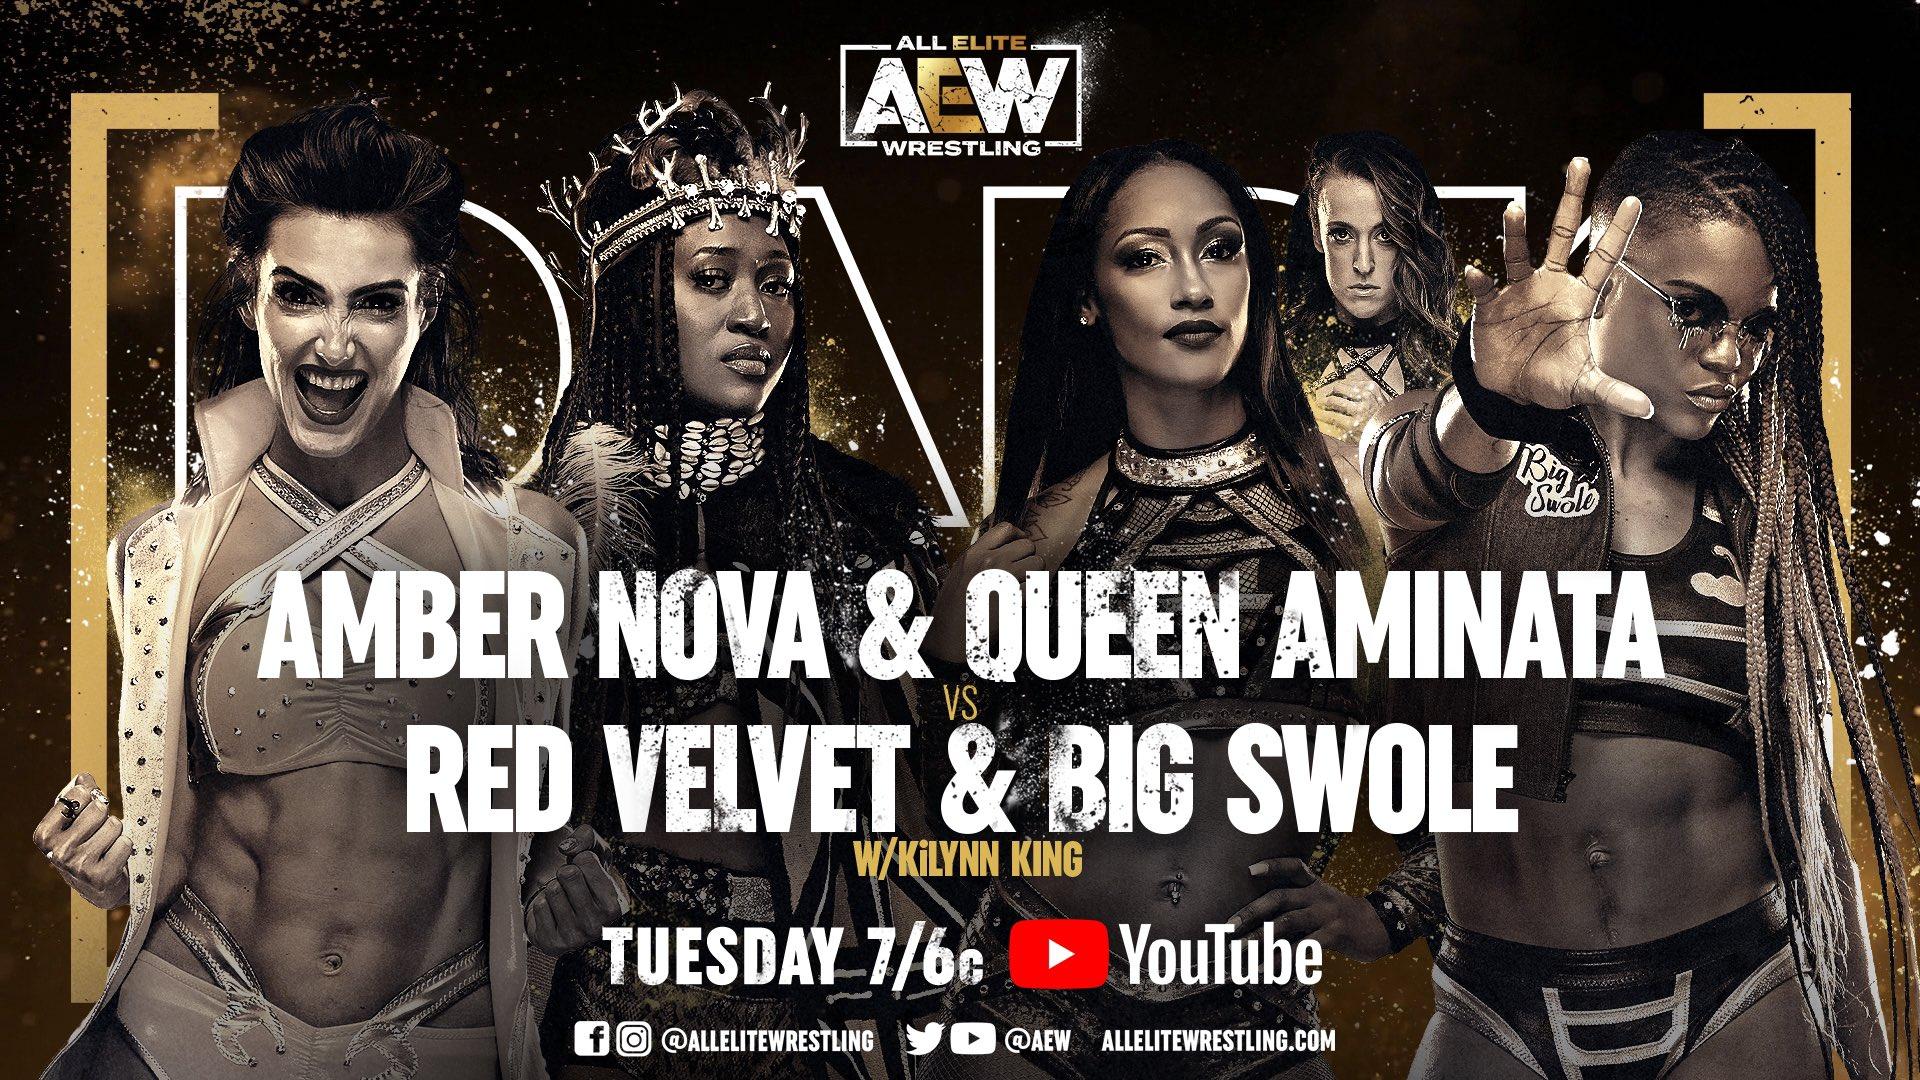 Queen Aminata AEW